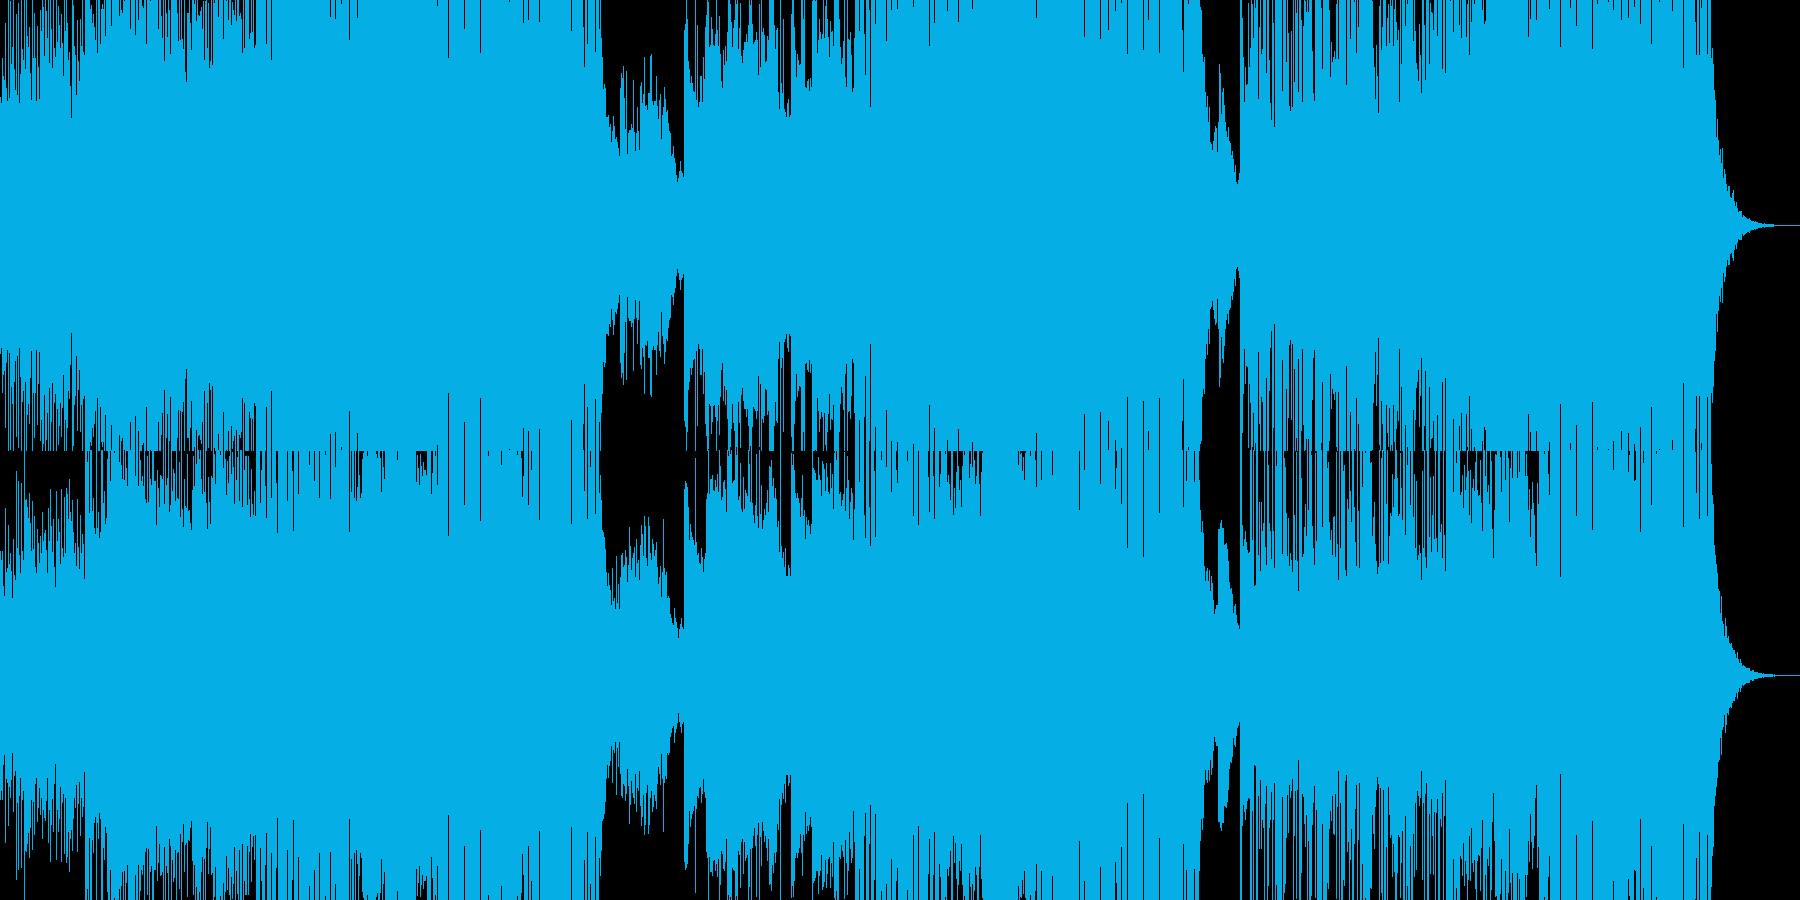 ゆっくりしたテンポのクラブミュージックの再生済みの波形